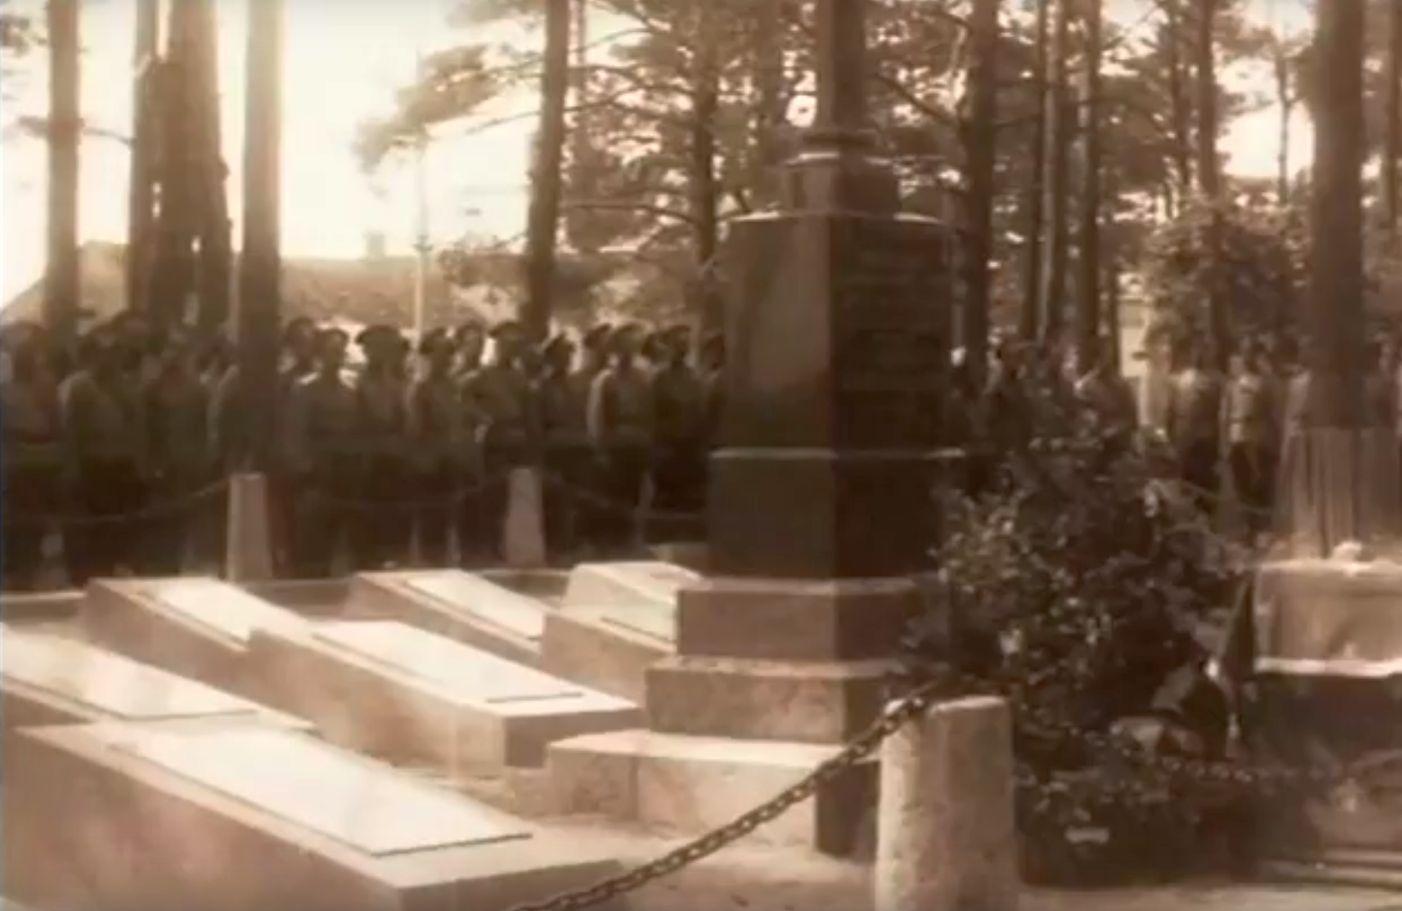 Открытие памятника русским воинам в 1915 году в Барановичах. Кадр из кинохроники.